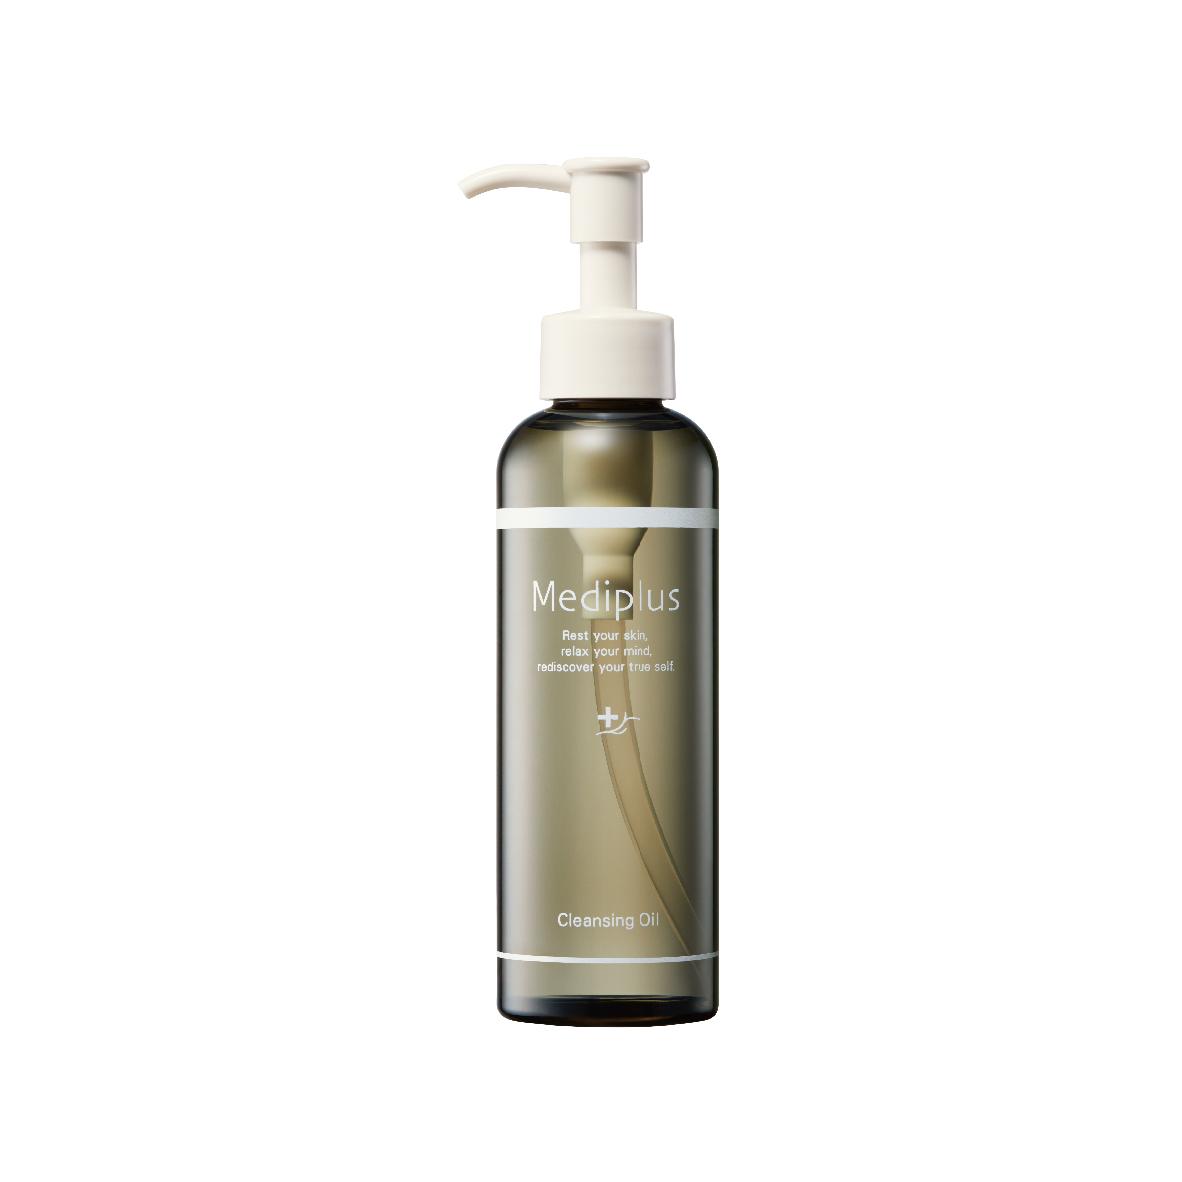 高保濕卸妝精華油 160ml(約2個月份)單品NTD 1580 / 定期NTD 1380